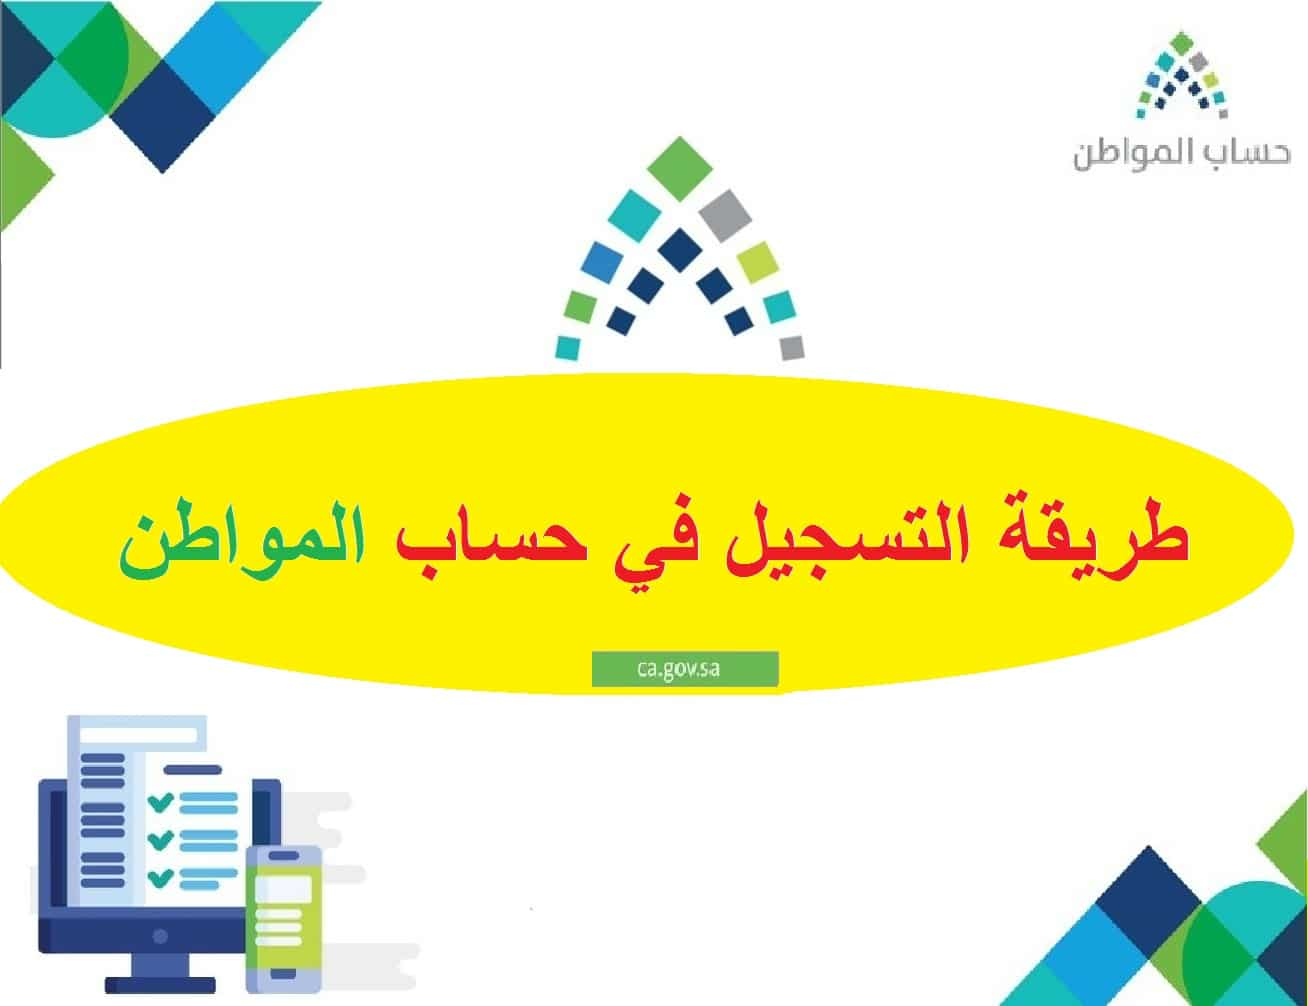 طريقة التسجيل في حساب المواطن 1442 عبر بوابة ca.gov.sa الإلكترونية 1 29/9/2020 - 2:02 ص